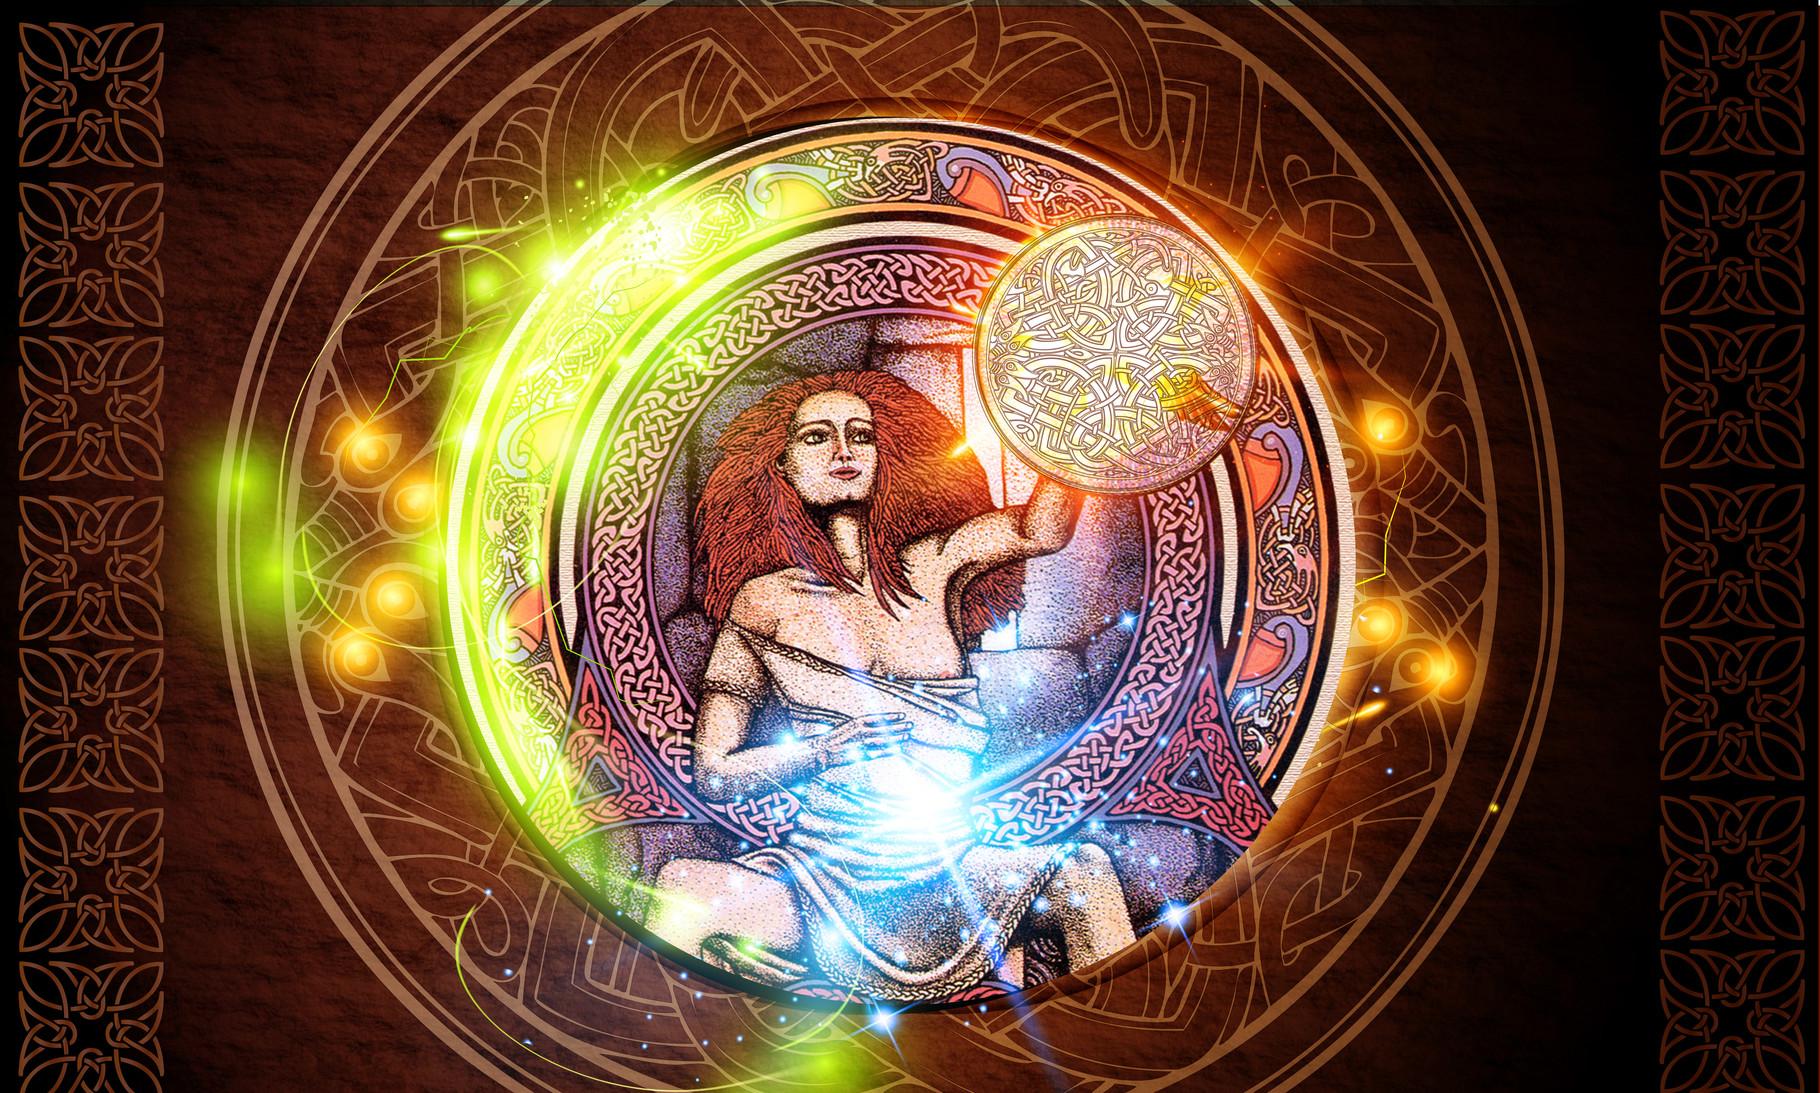 Жрица, женская магия, развитие женского волшебства. Абсолютное Знание. Человек, проводящий эту энергию, знает прошлое и будущее.